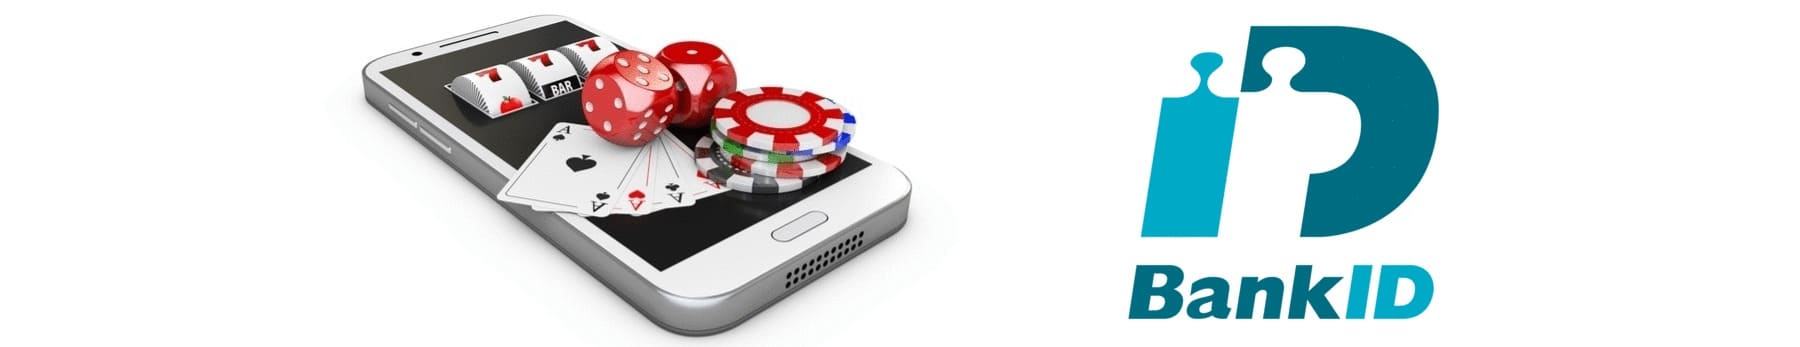 Casino med mobilt bankid